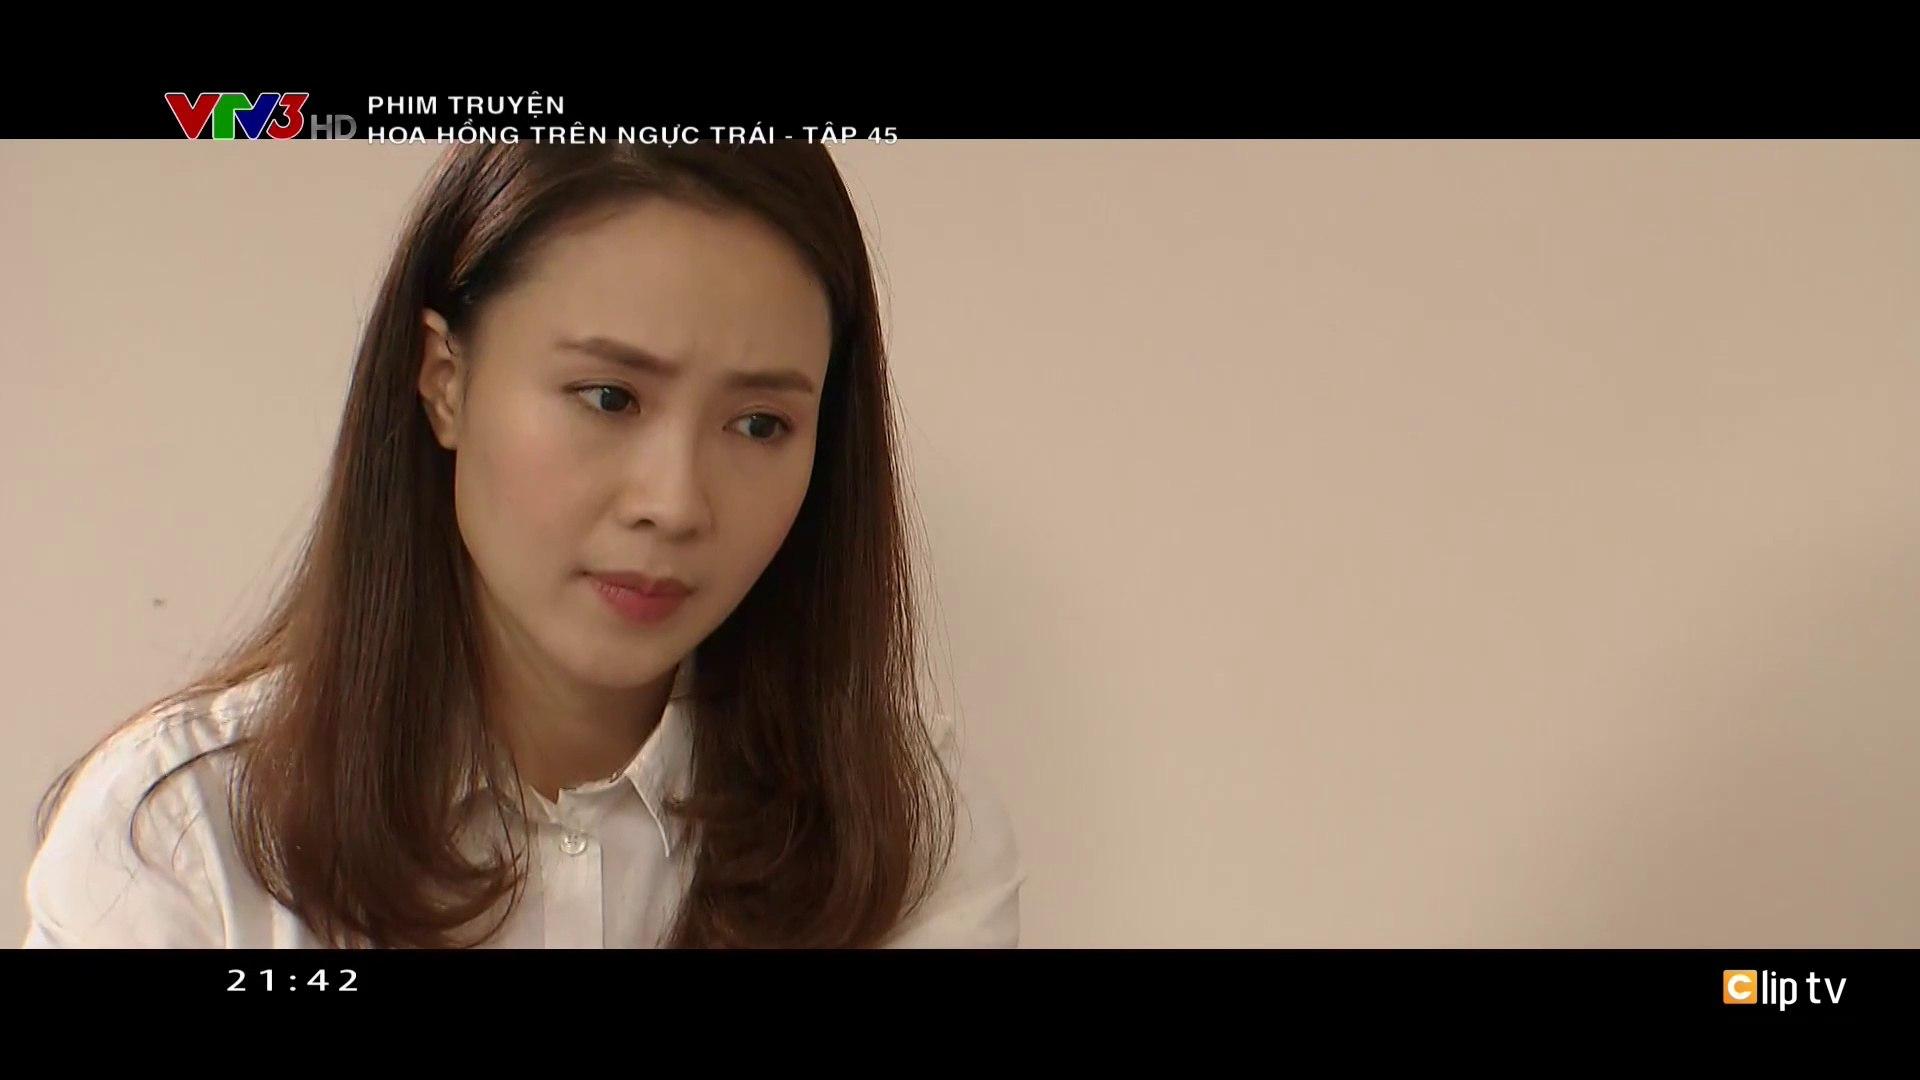 Hoa Hồng Trên Ngực Trái Tập 45 - Ngày 8-1-2020 - Phim Việt Nam VTV3